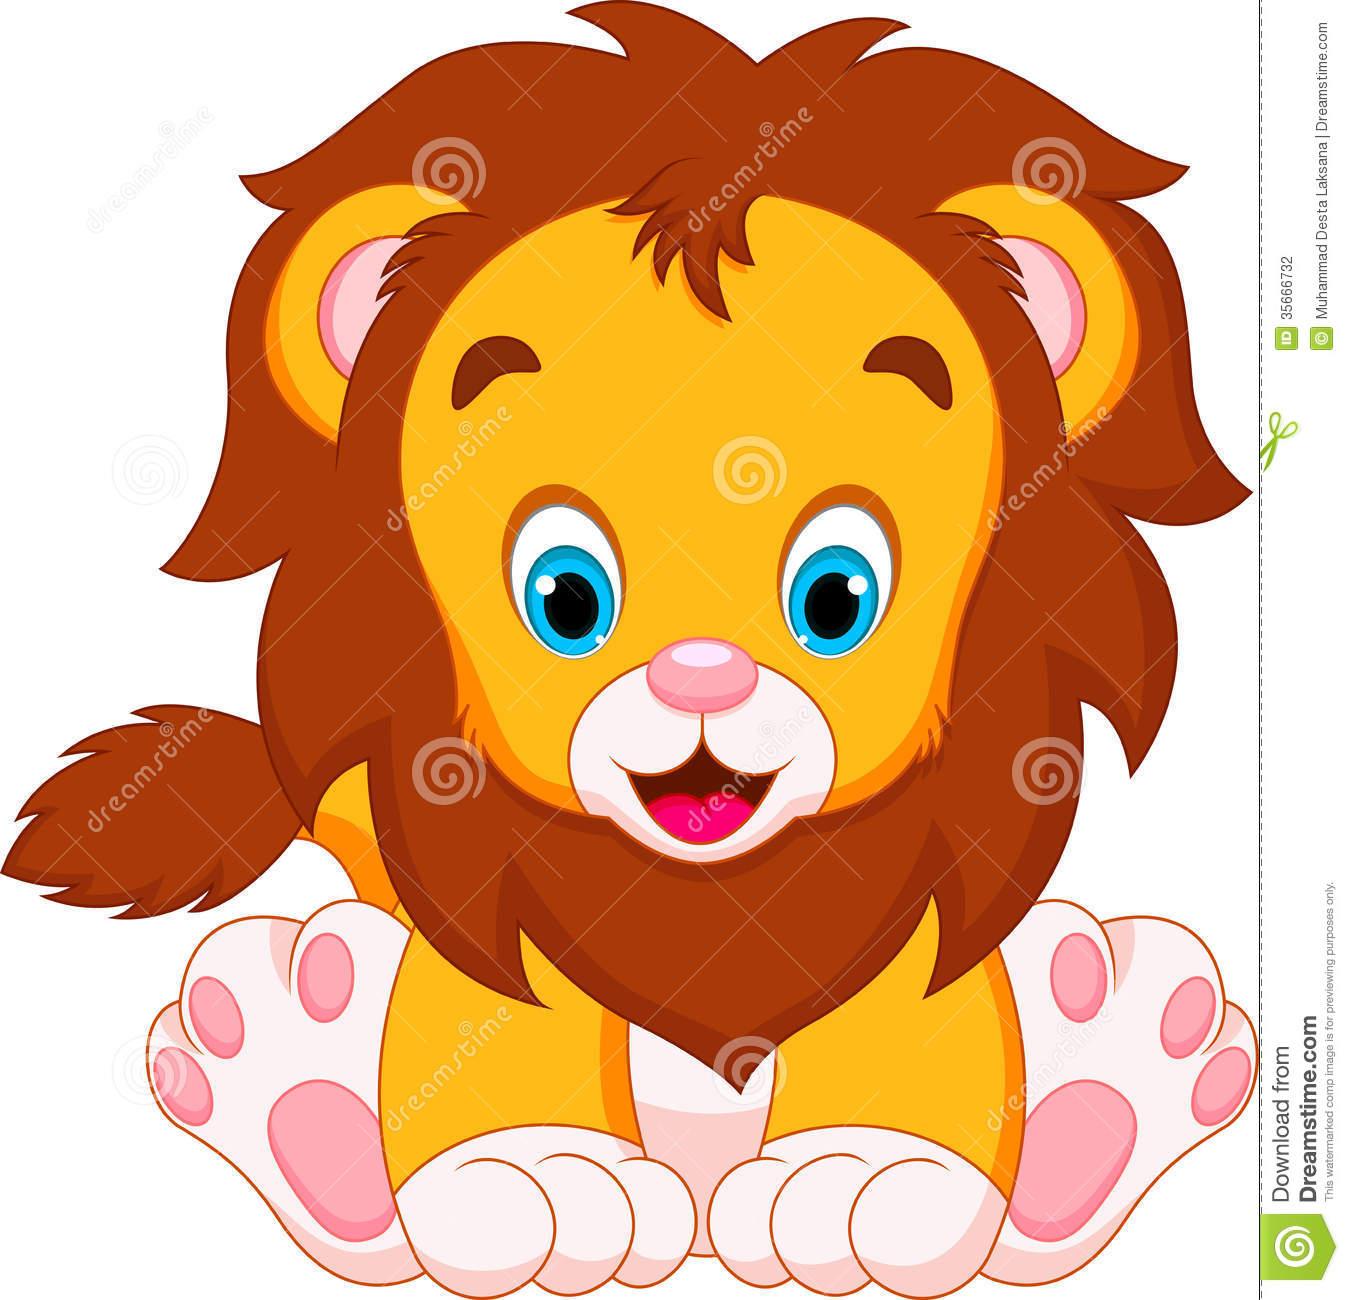 Adorable clipart Lion Clipart Baby Panda Images